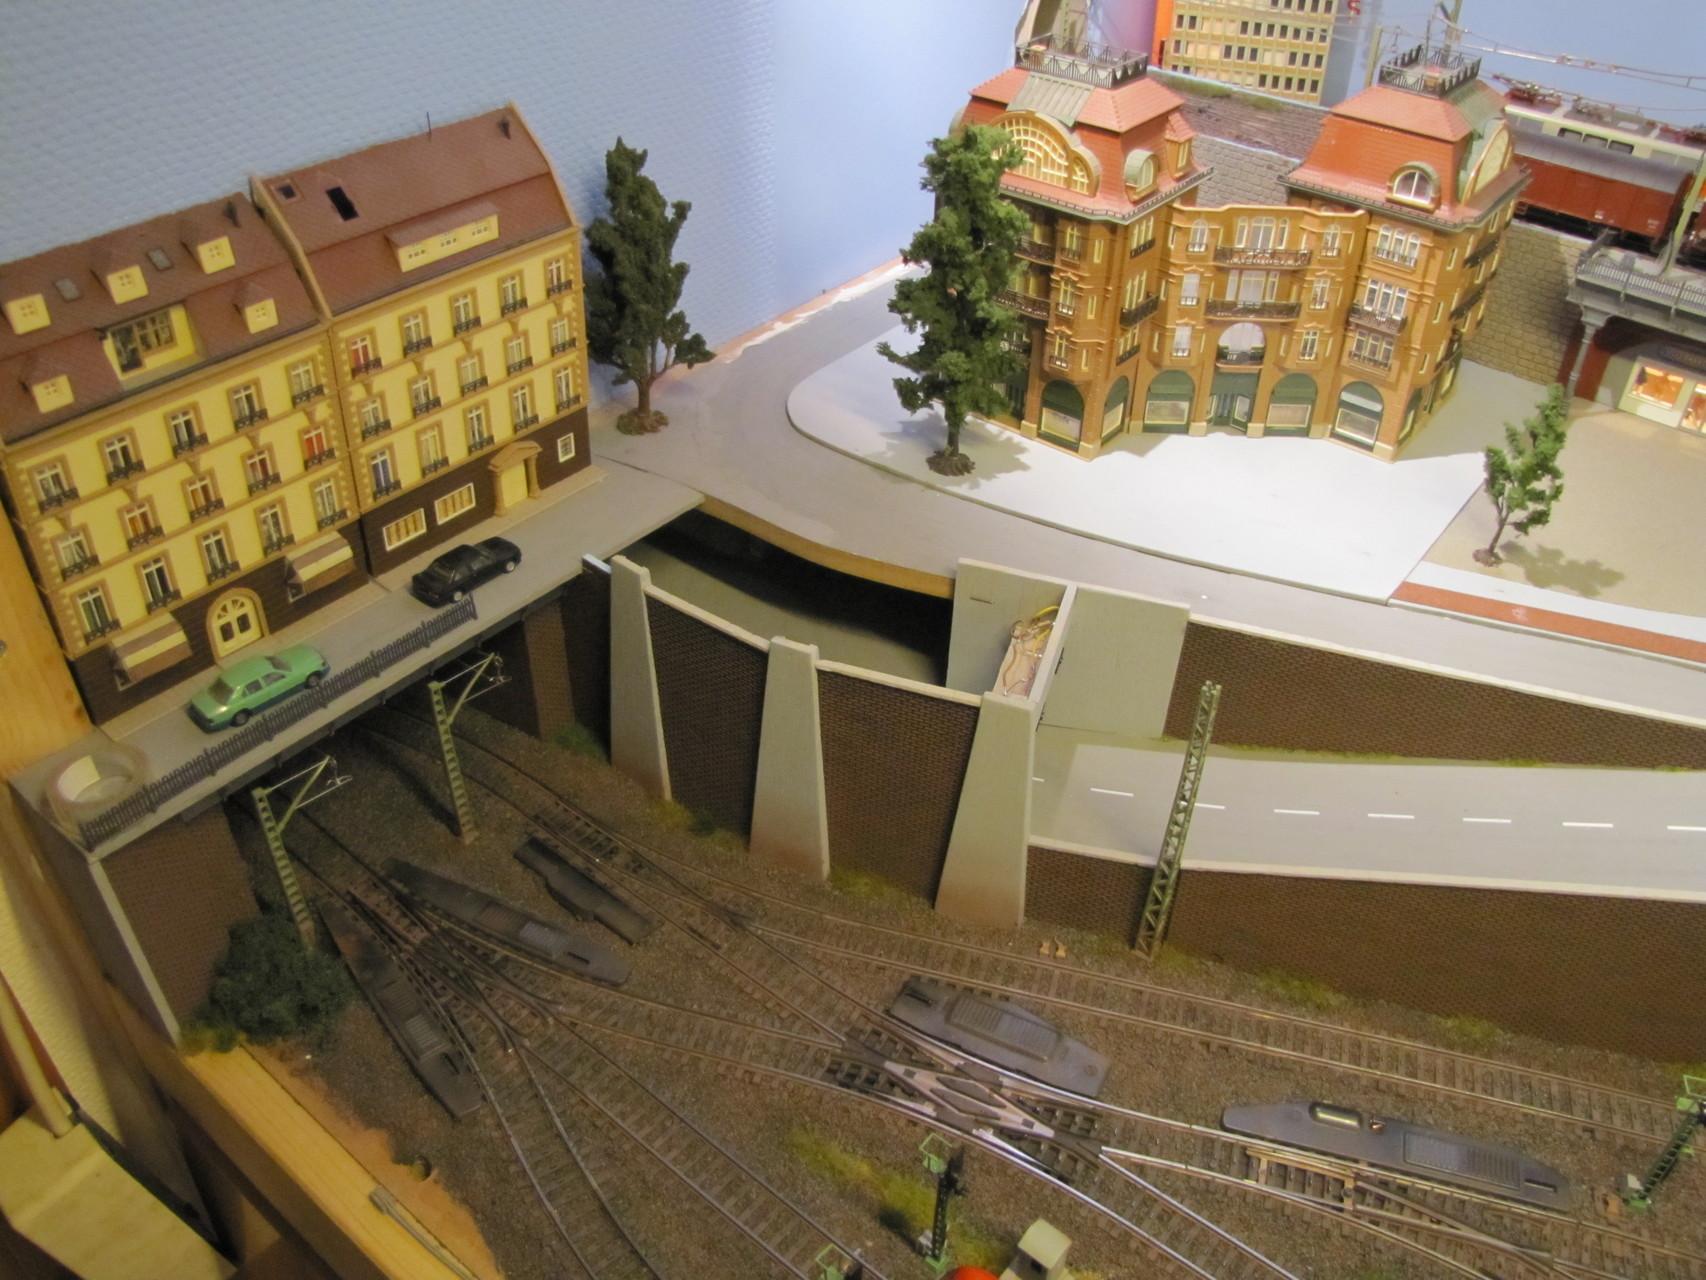 Wie alle meine Gebäudemodelle ist auch das EKZ auf einer dünnen Platte gebaut, welches gleichzeitig den Bürgersteig bildet... Links neben das EKZ wird das Parkhaus gebaut und grenzt dann an die kleine Häuserzeile an :)